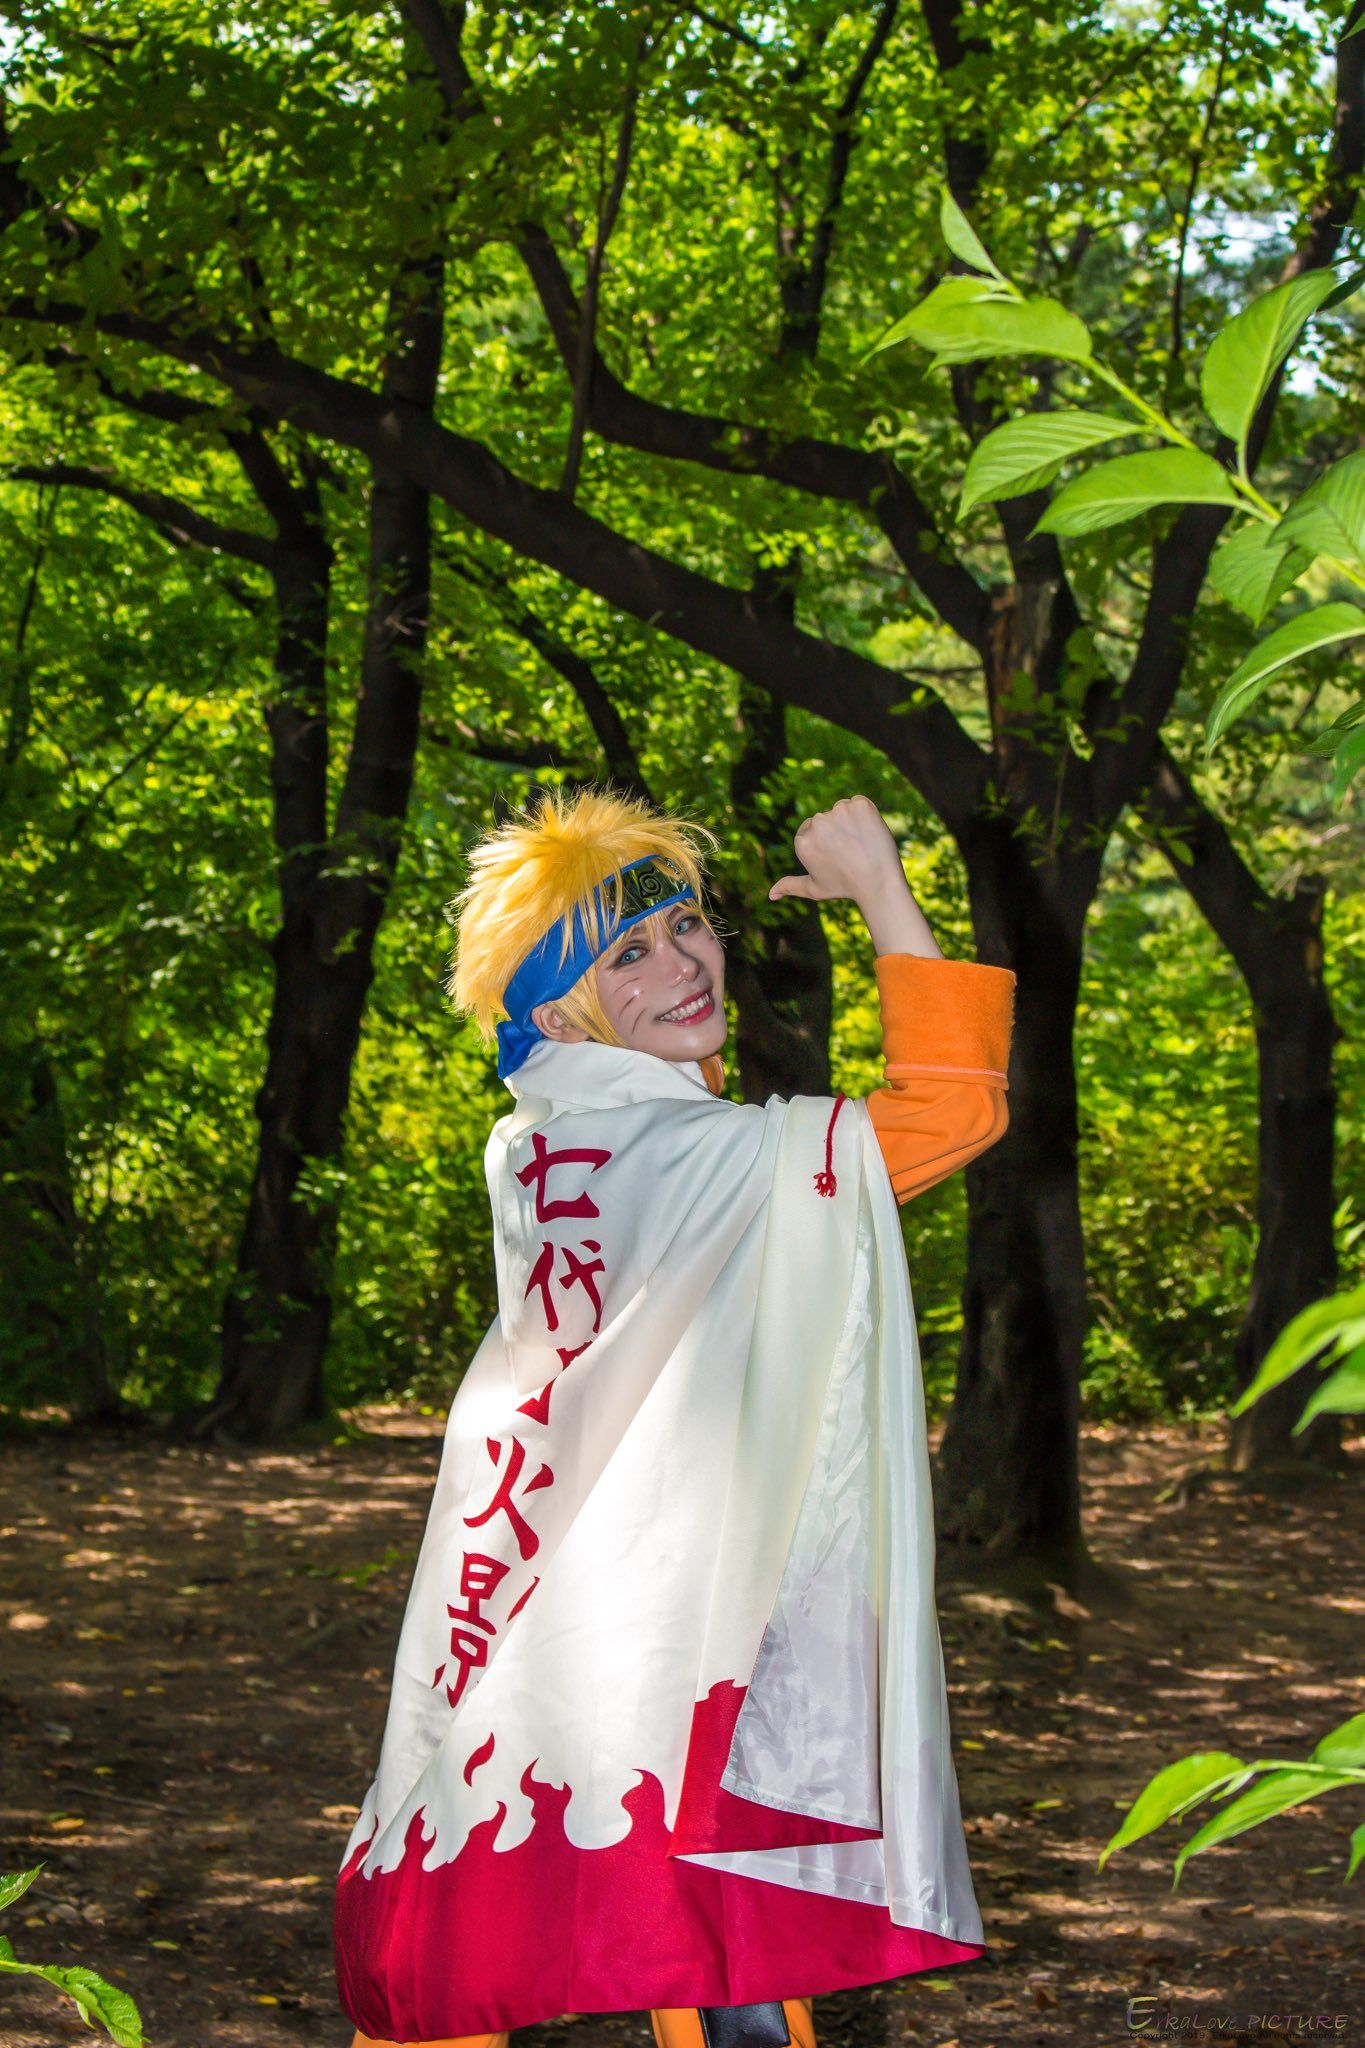 Pin oleh Who? di Naruto cosplay